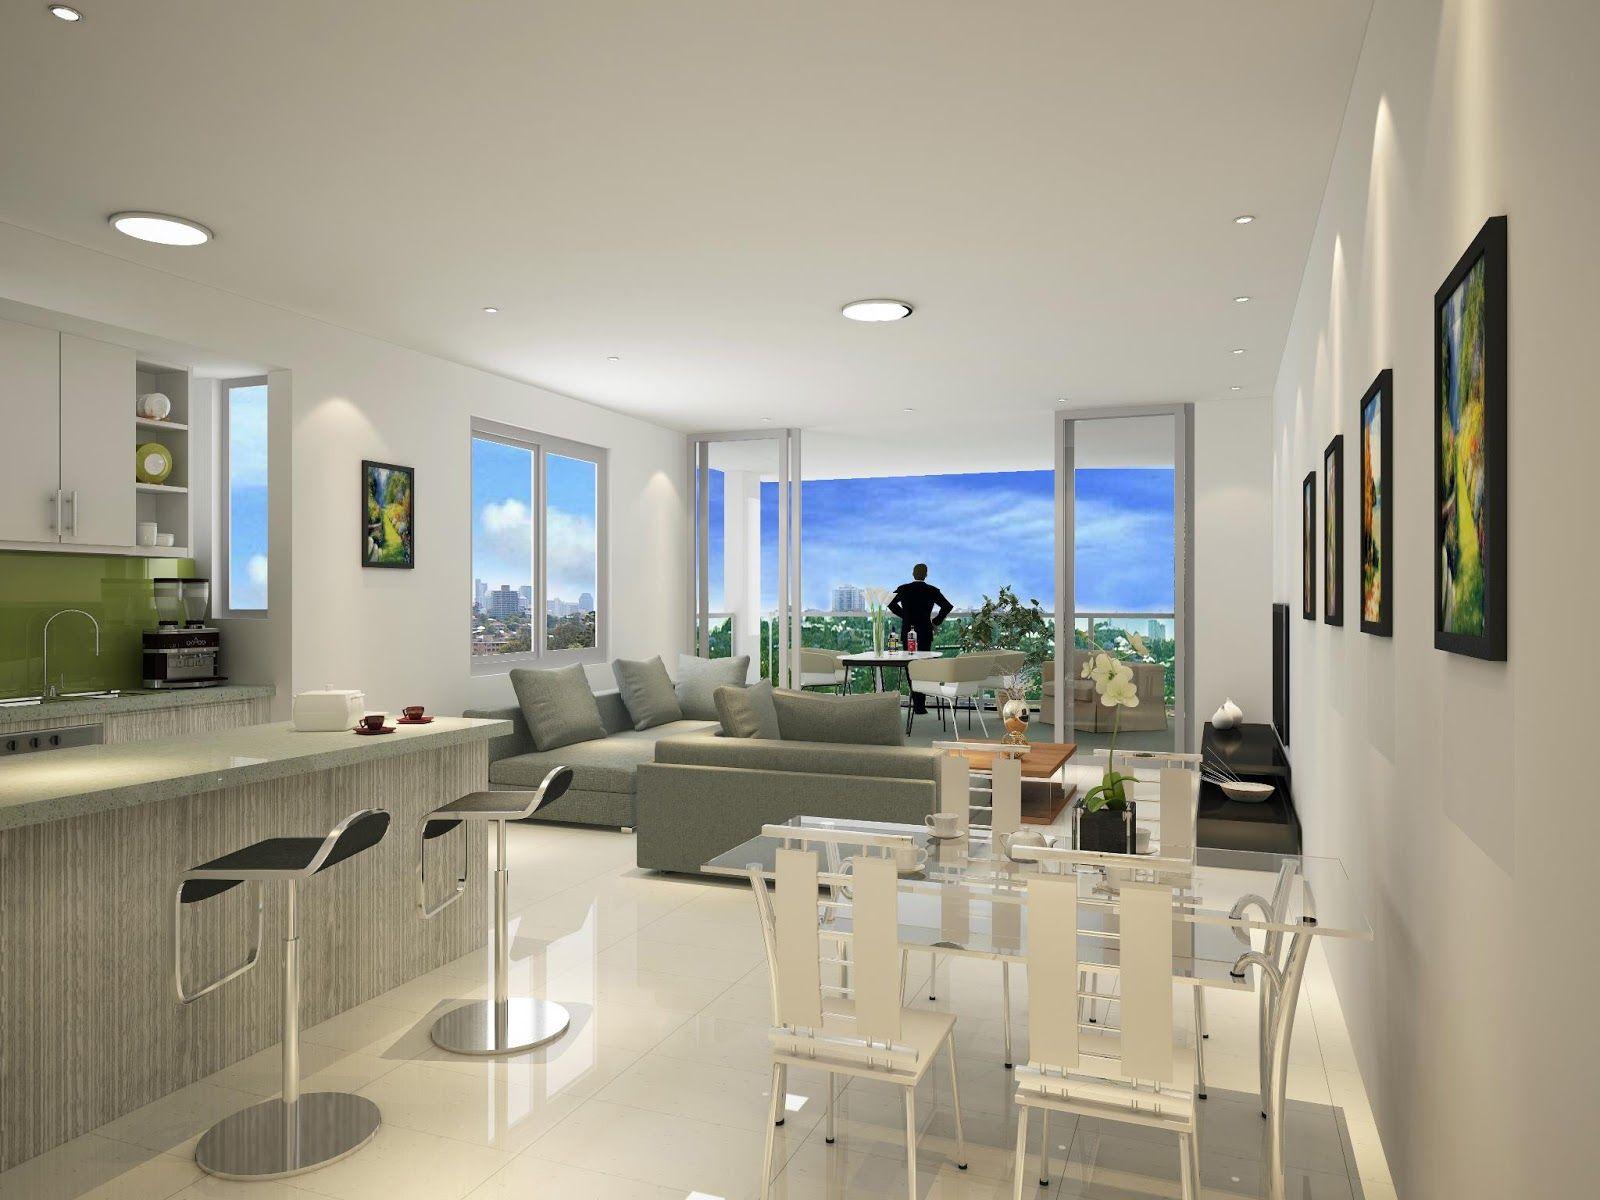 Salas modernas de estar e jantar sala moderna casa for Salas modernas de casas